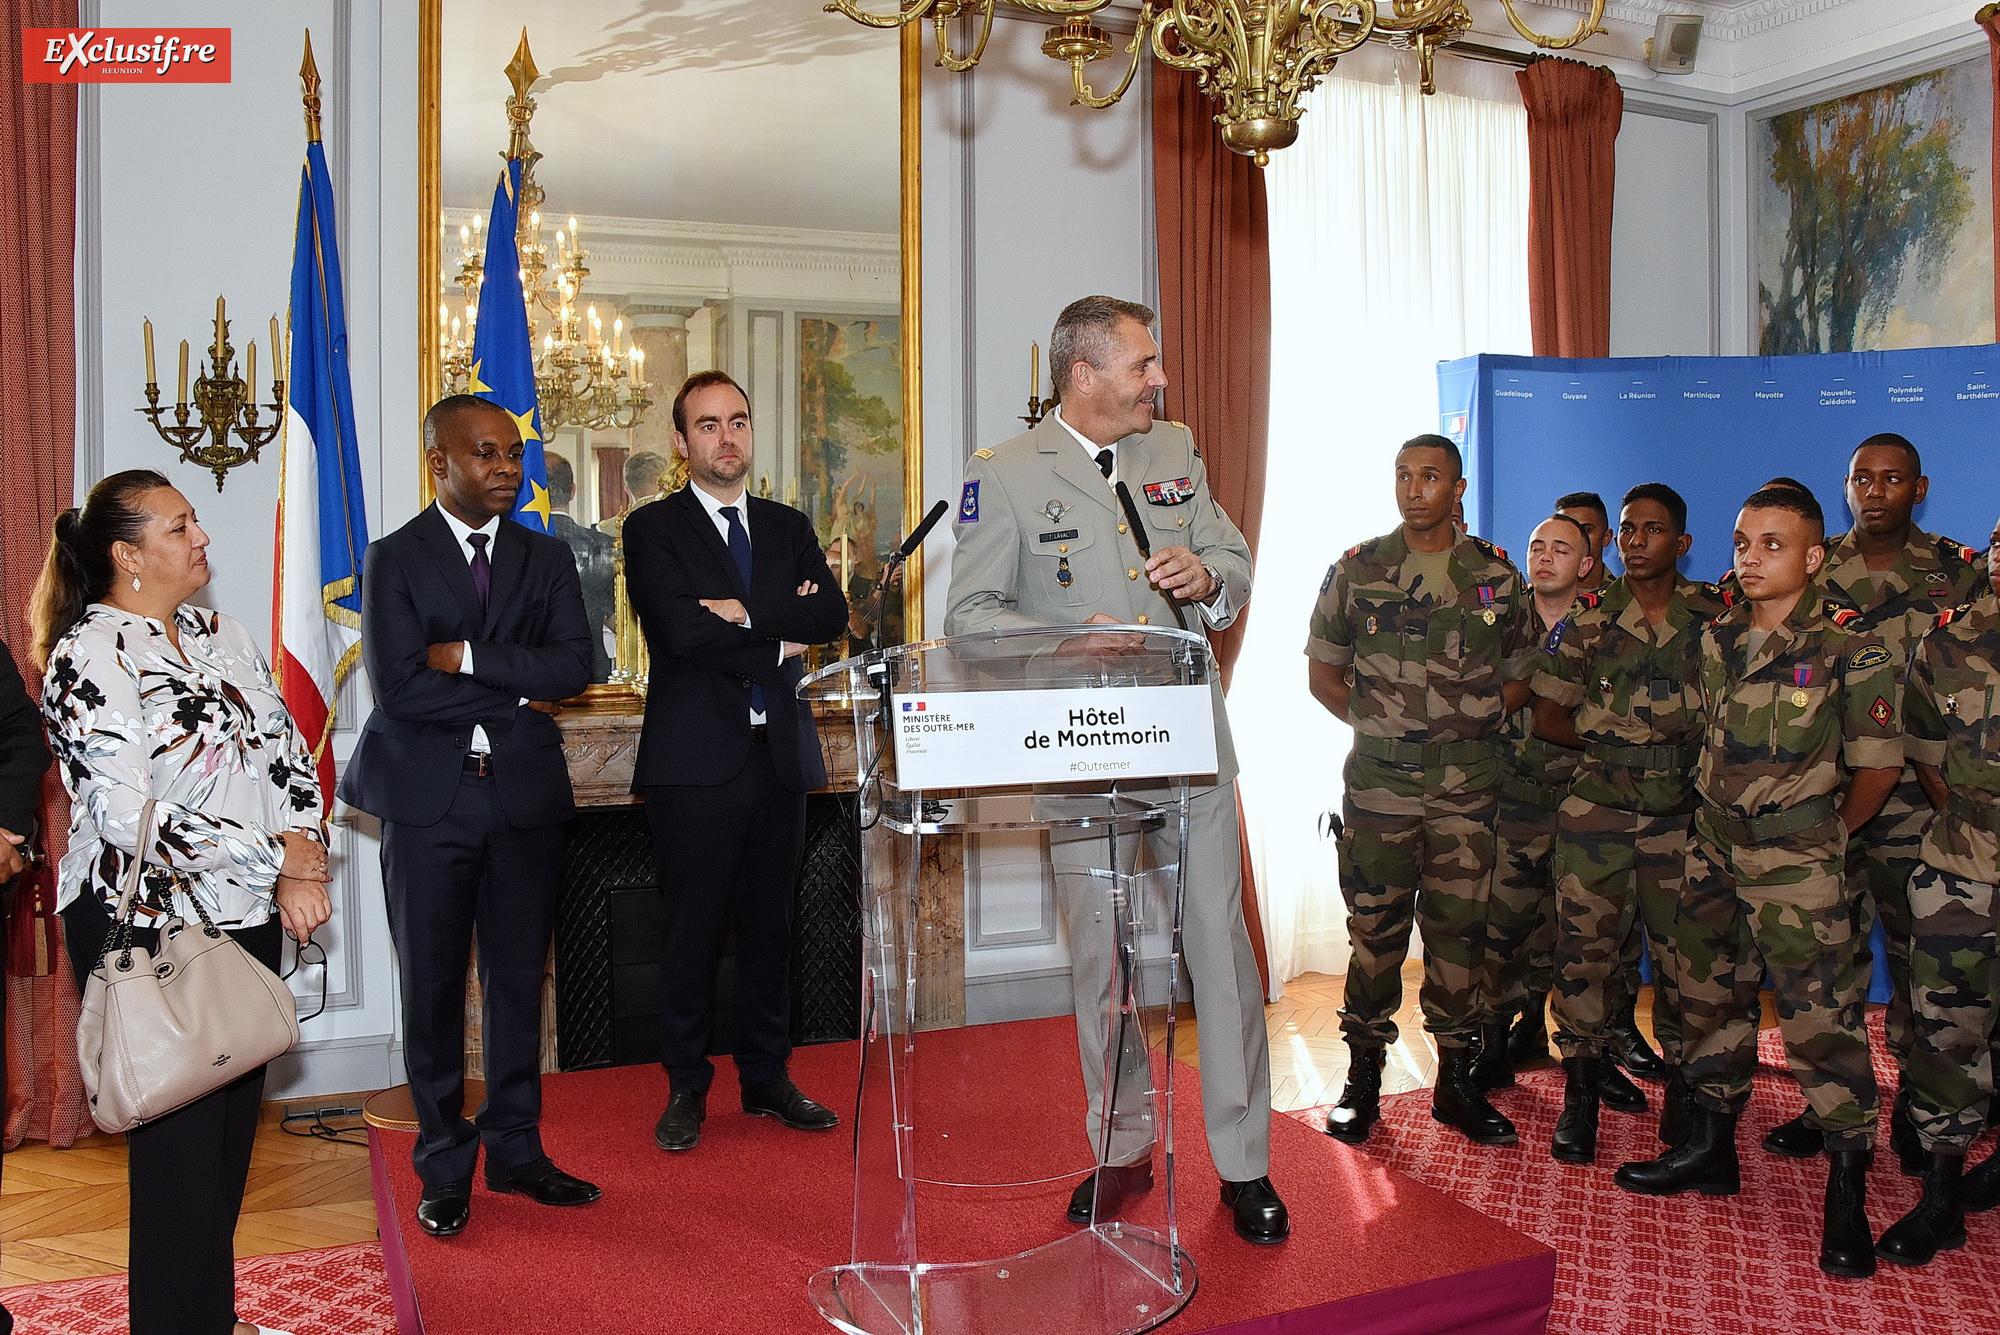 Le général Thierry Laval, commandant le SMA, présente au ministre la délégation, sous le regard de Maina Sage, députée de la Polynésie française, et du vice-président du Sénat, Thani Mohamed Soilihi, de Mayotte.